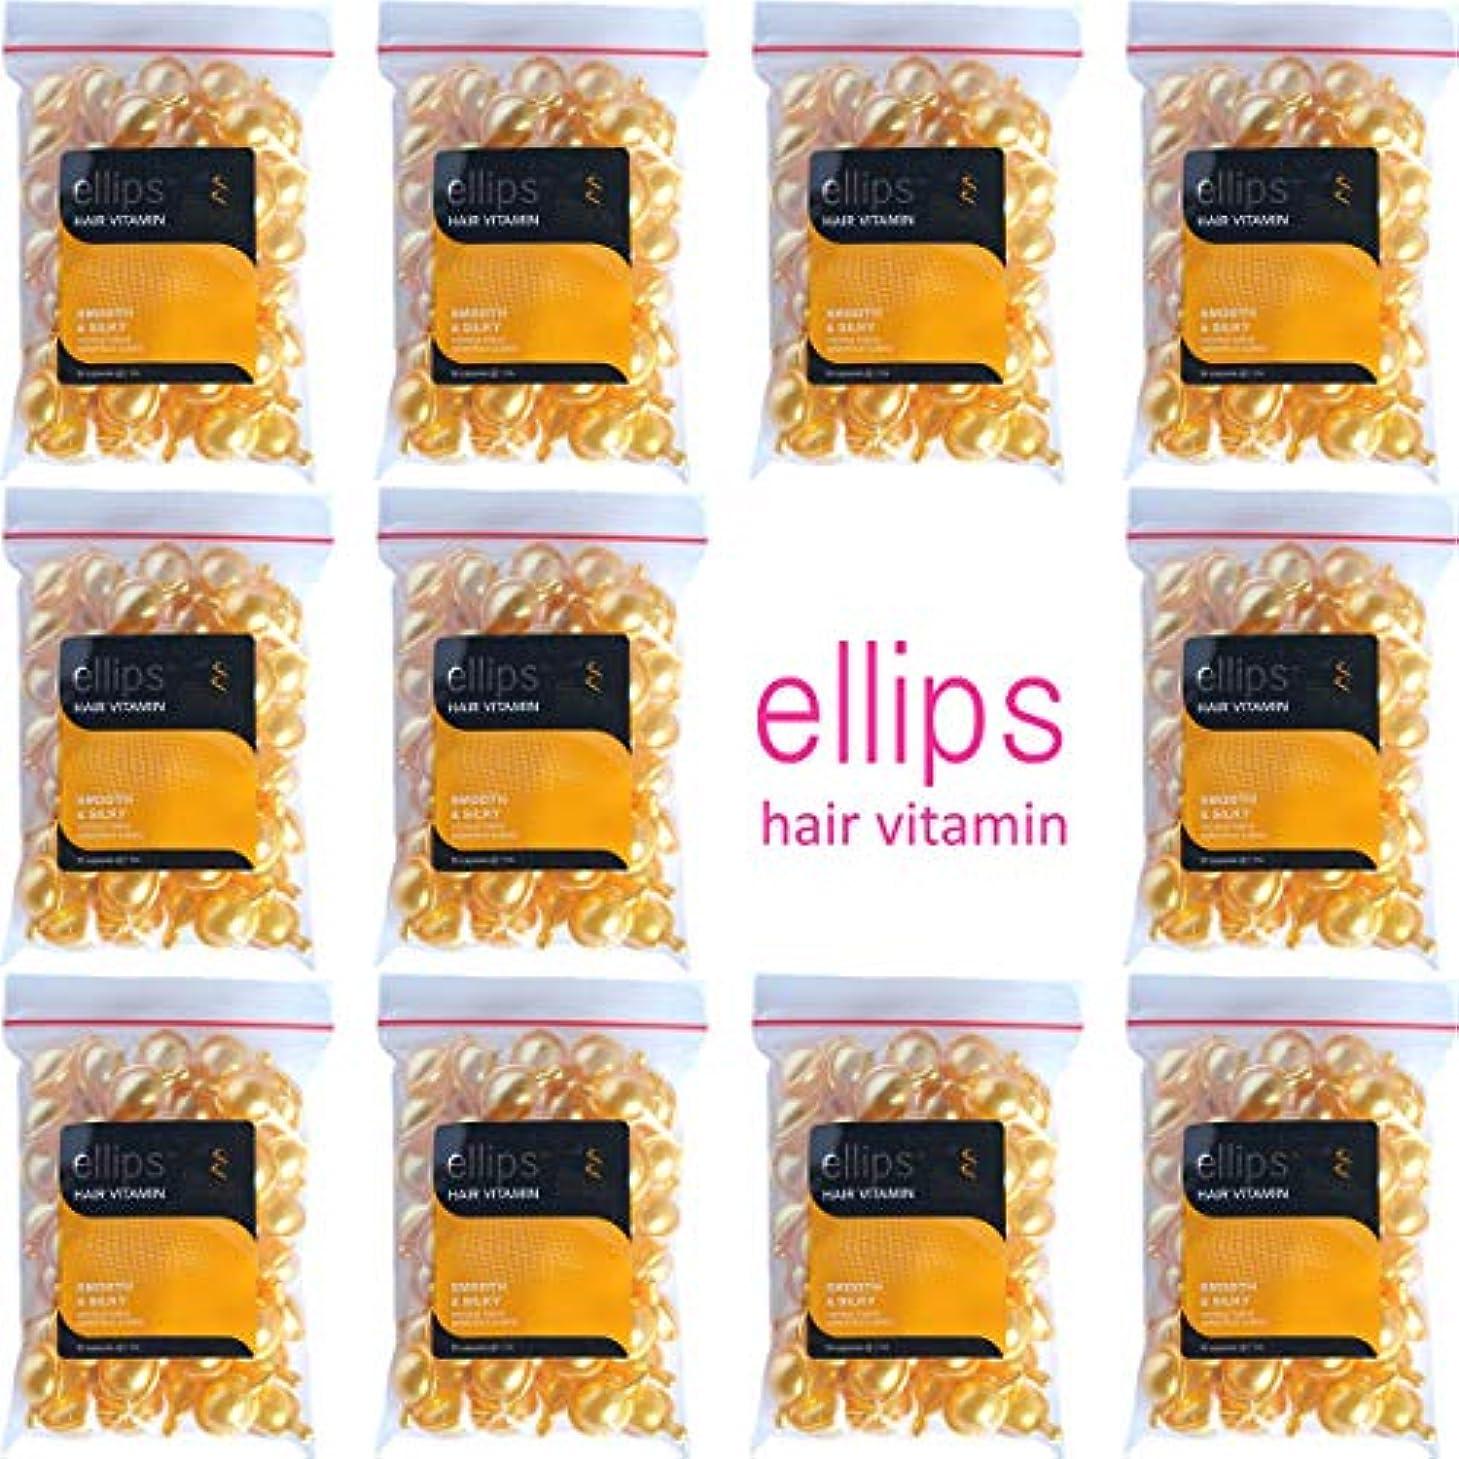 受け継ぐ所有者アフリカellips エリプス エリップス ヘアビタミン ヘアオイル 洗い流さないトリートメント プロケラチン配合 アウトレット袋詰め 50粒入×11個セット イエロー [海外直送品]